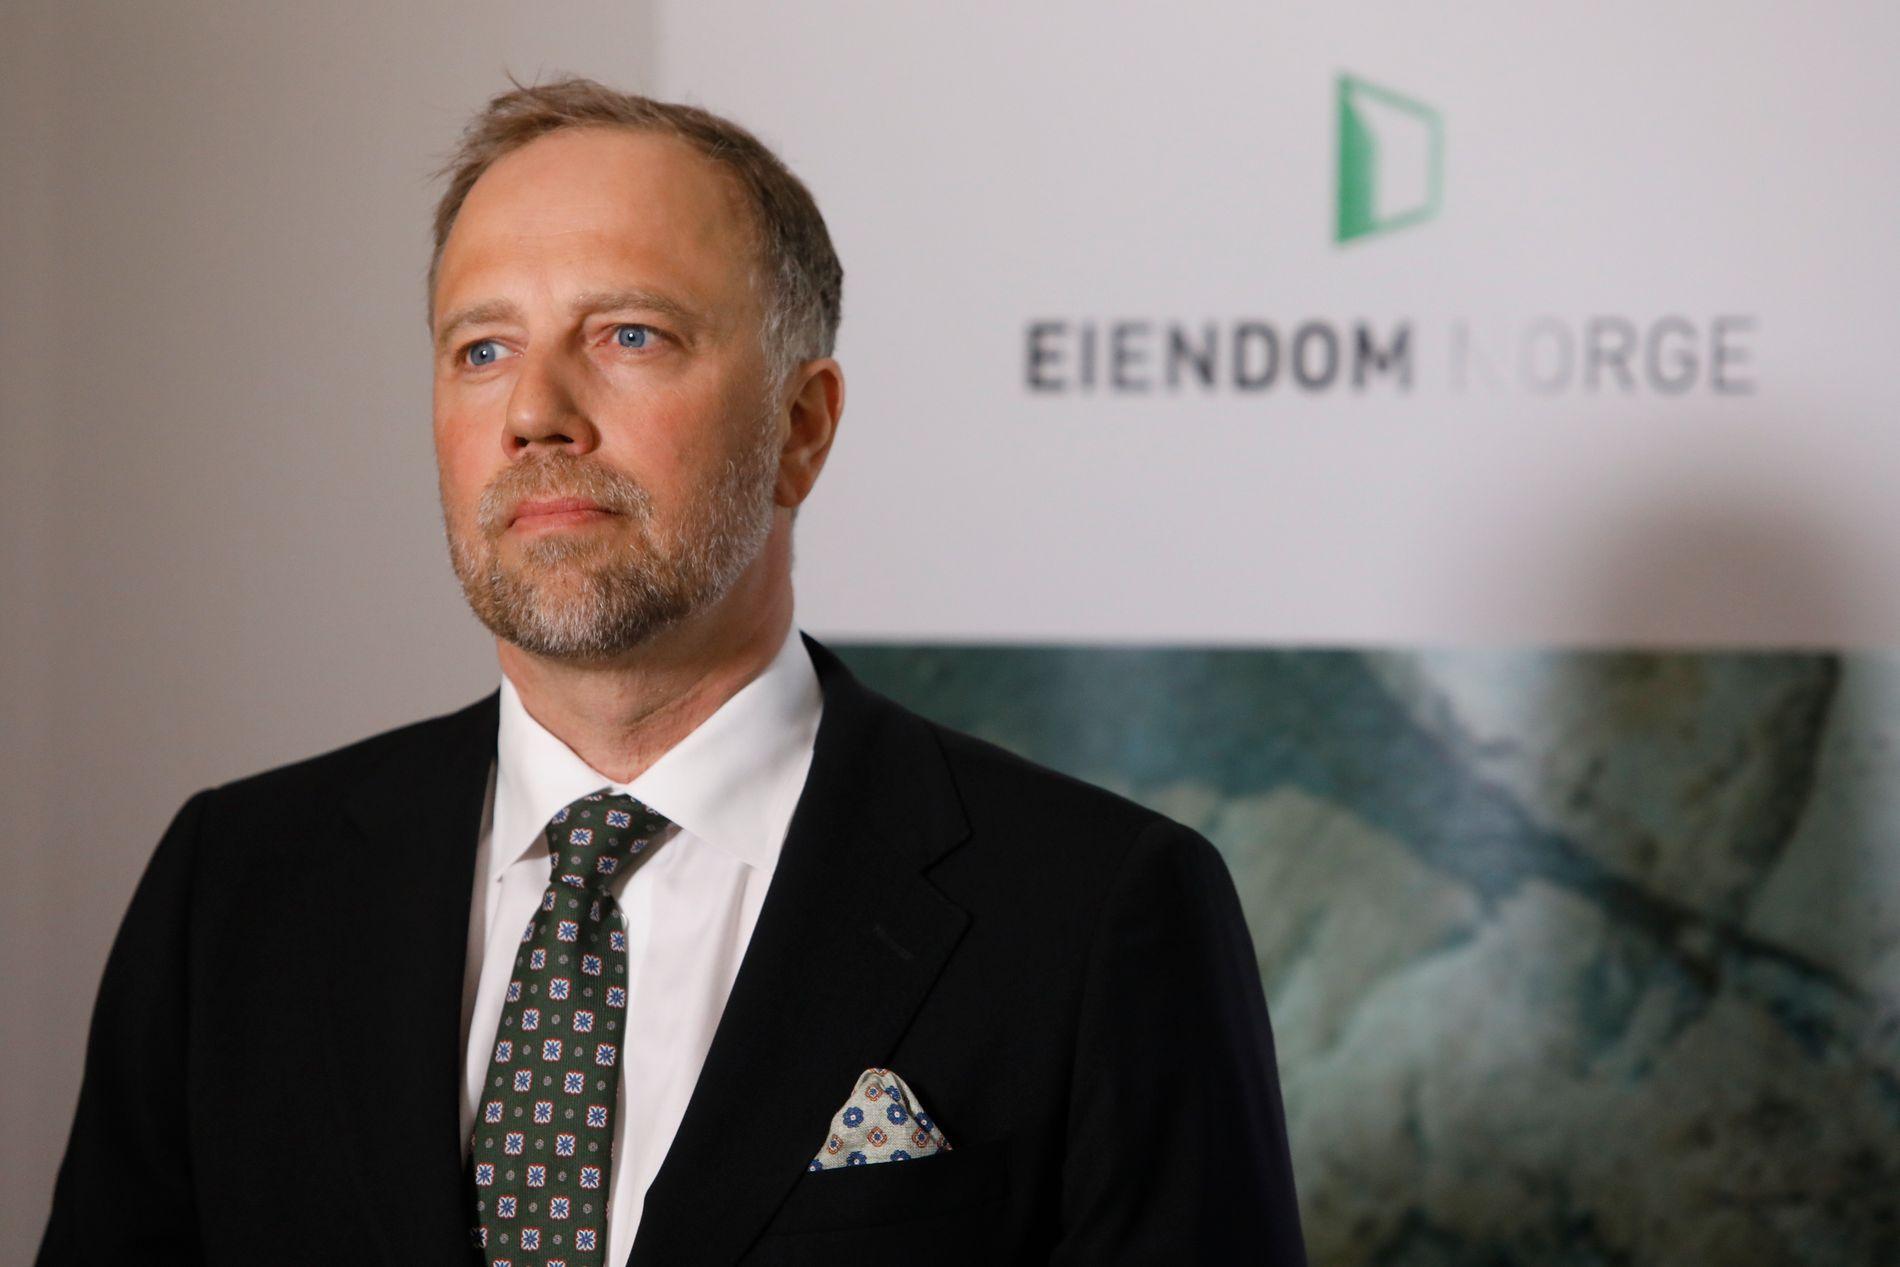 PRISENDRING: Christian Vammervold Dreyer og Eiendom Norge la frem boligprisene tirsdag formiddag.